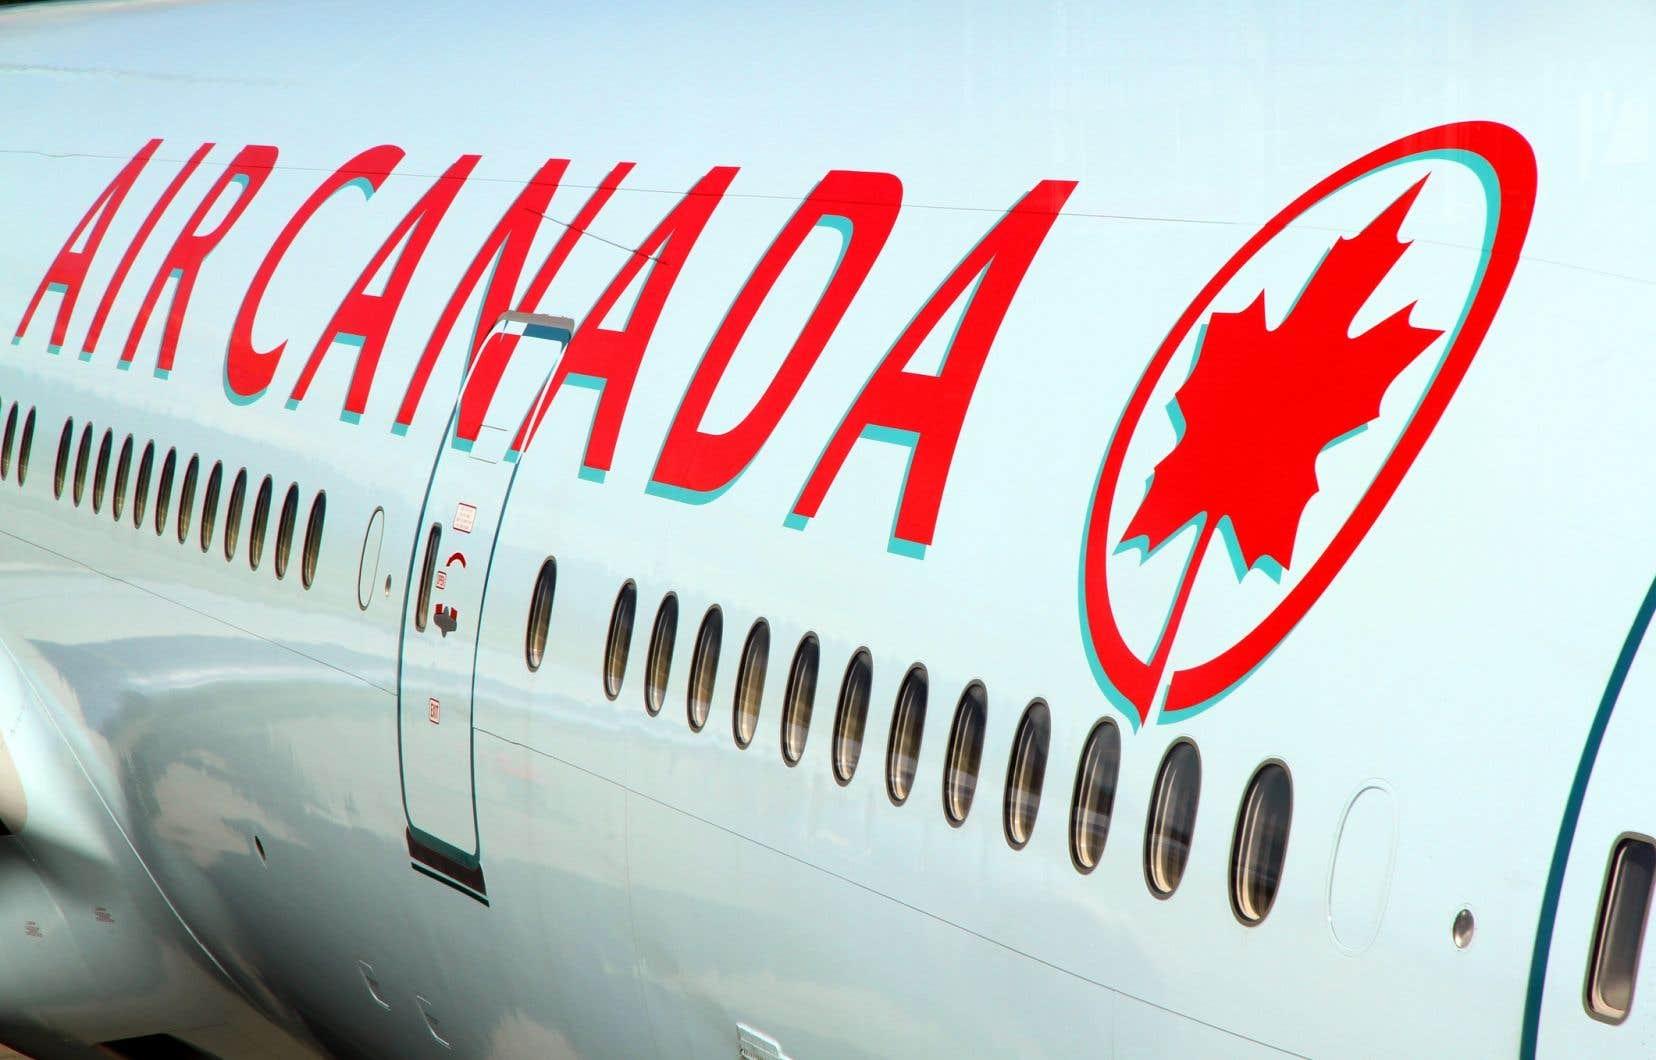 Le transporteur aérien a refusé de donner plus de détails en raison de l'enquête en cours.